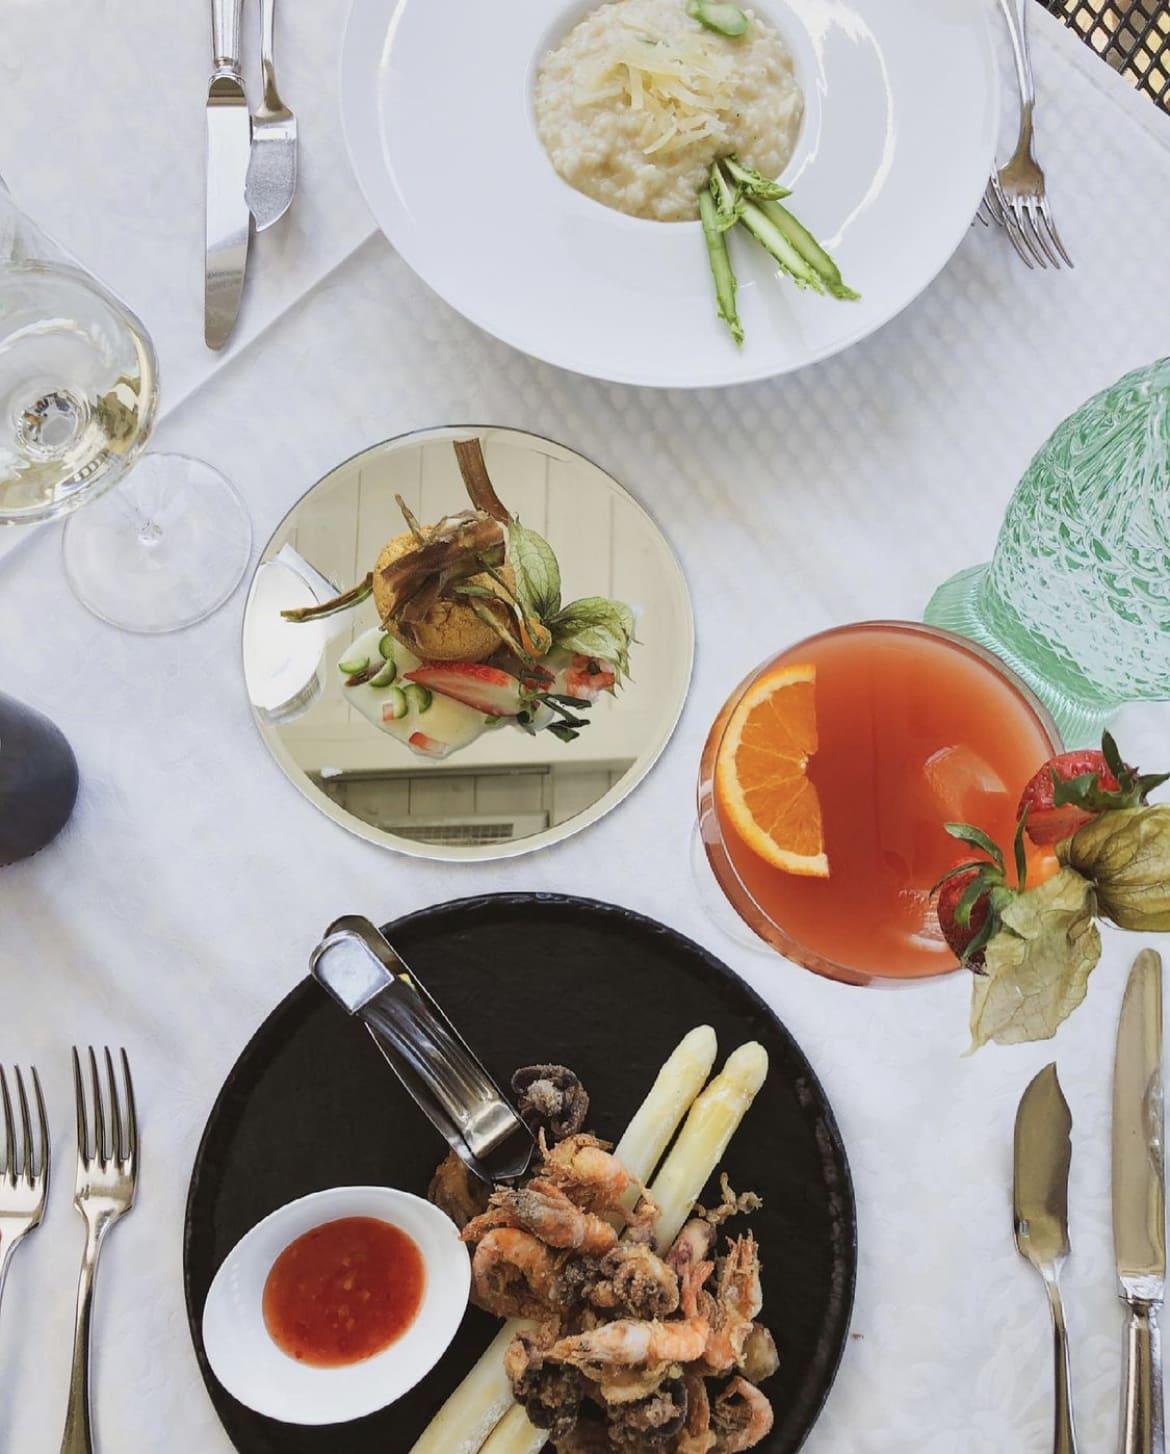 Mittagsmenu im Restaurant Maria Loretto im Schloss Loretto in Klagenfurt am Wörthersee, Spezialitäten des Hauses